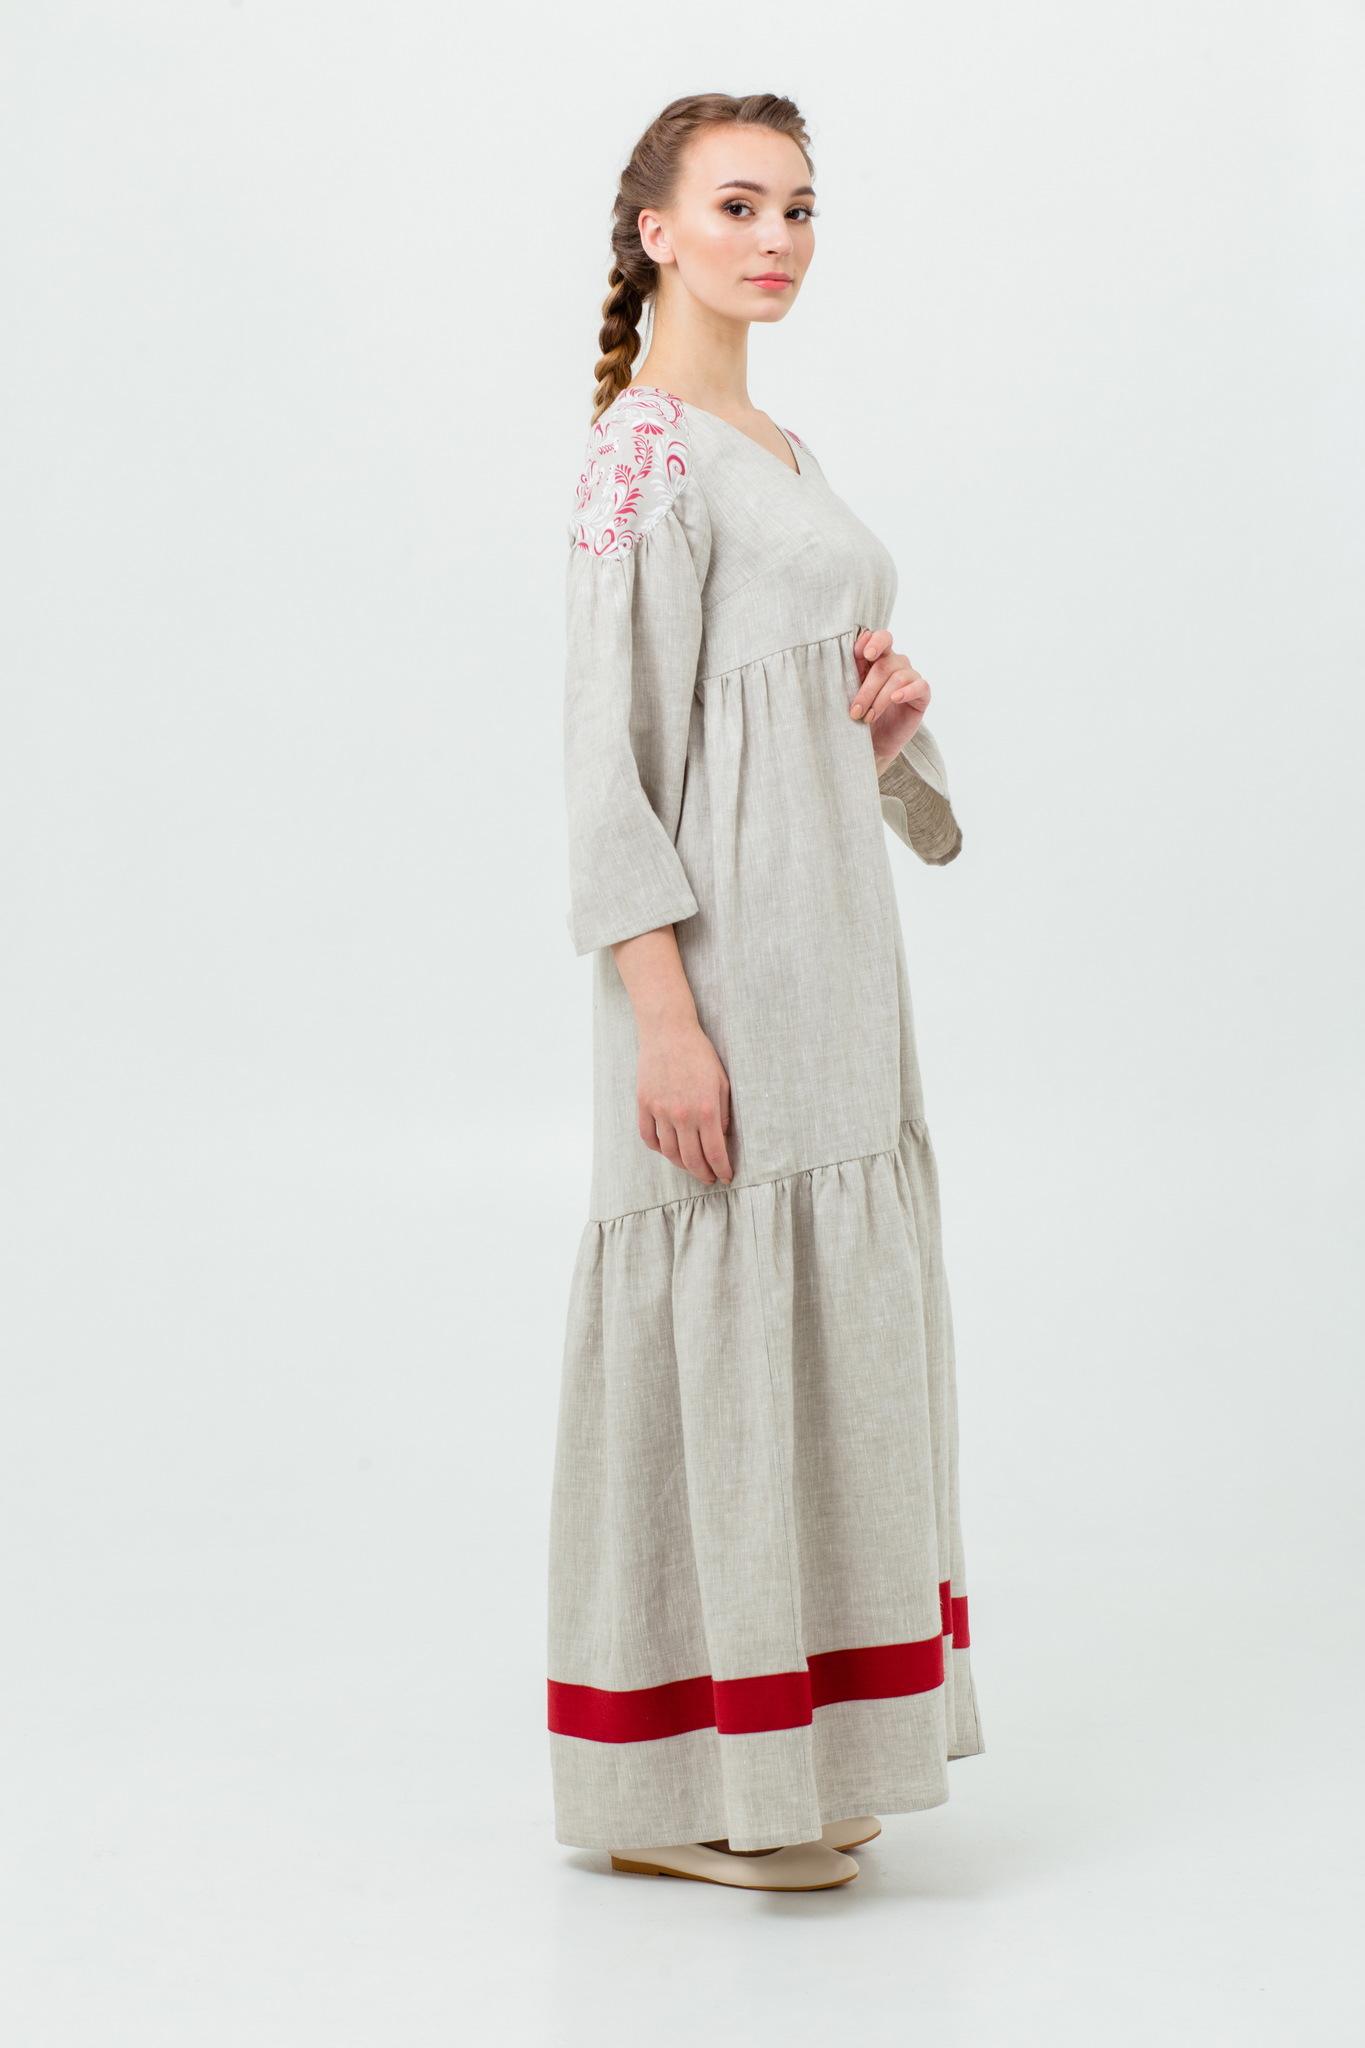 Славянское платье в русском стиле